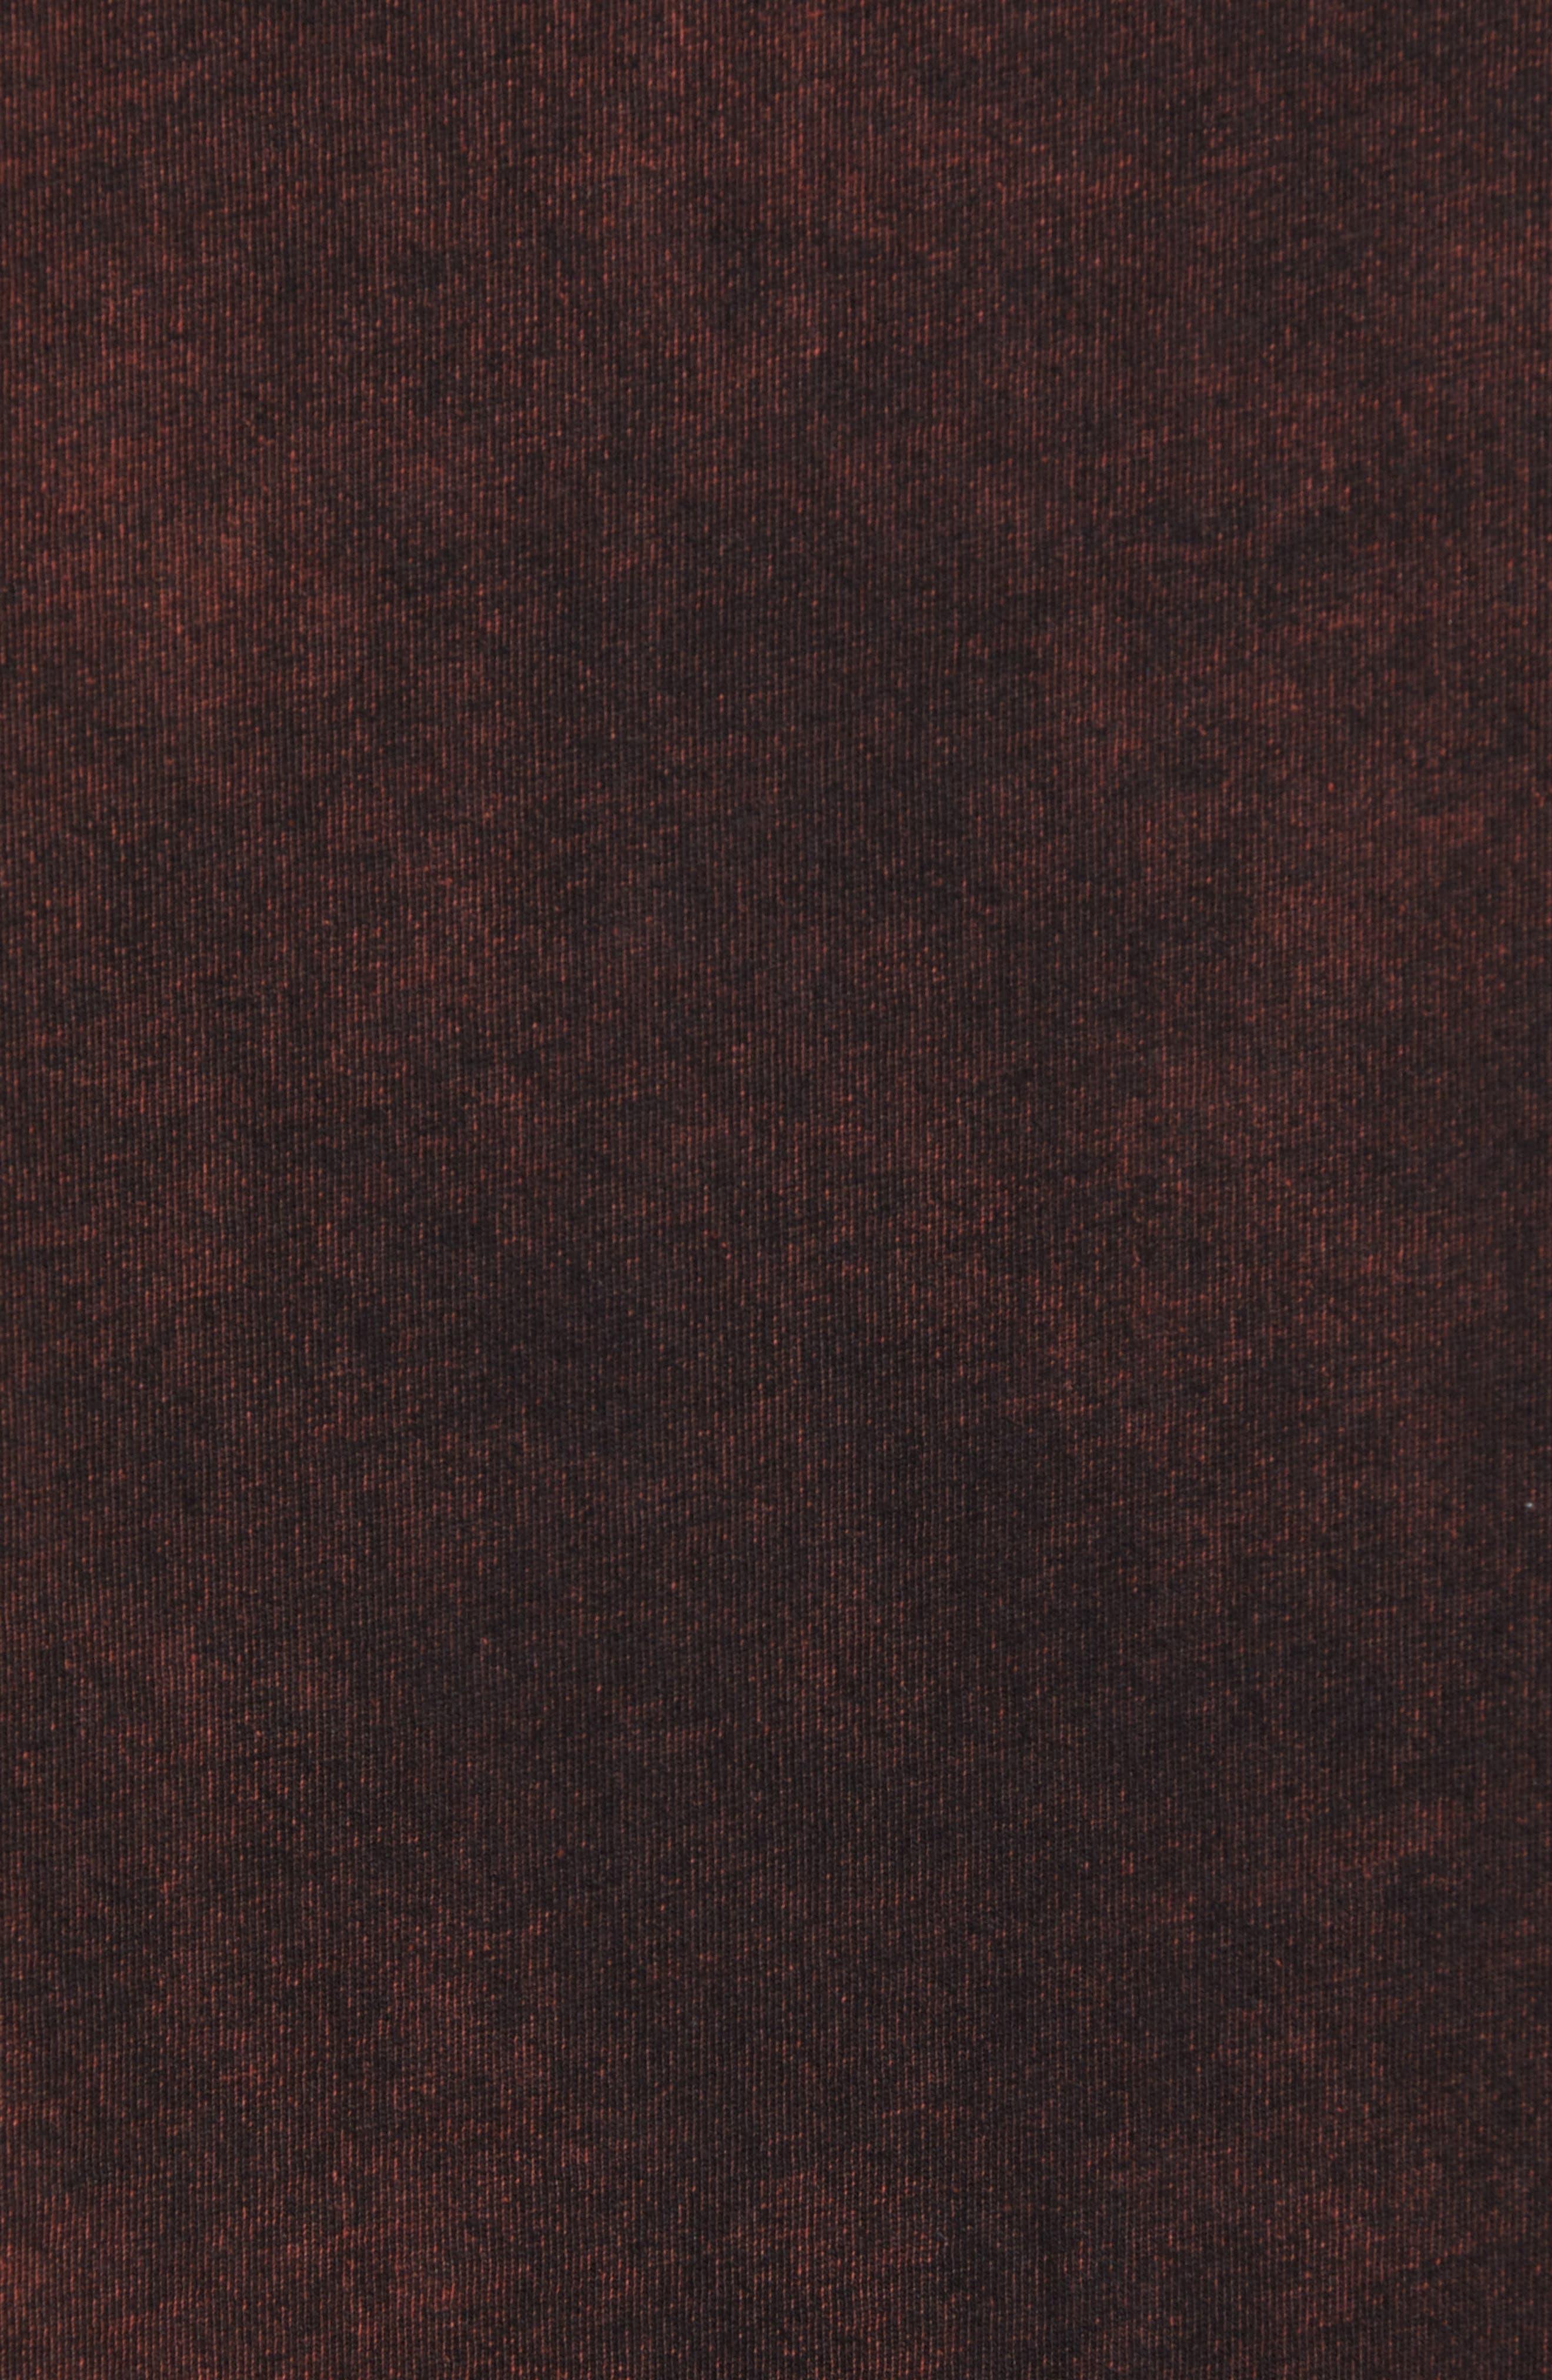 Washed Indigo Logo T-Shirt,                             Alternate thumbnail 5, color,                             INDIGO/ SUNBURST ORANGE COMBO